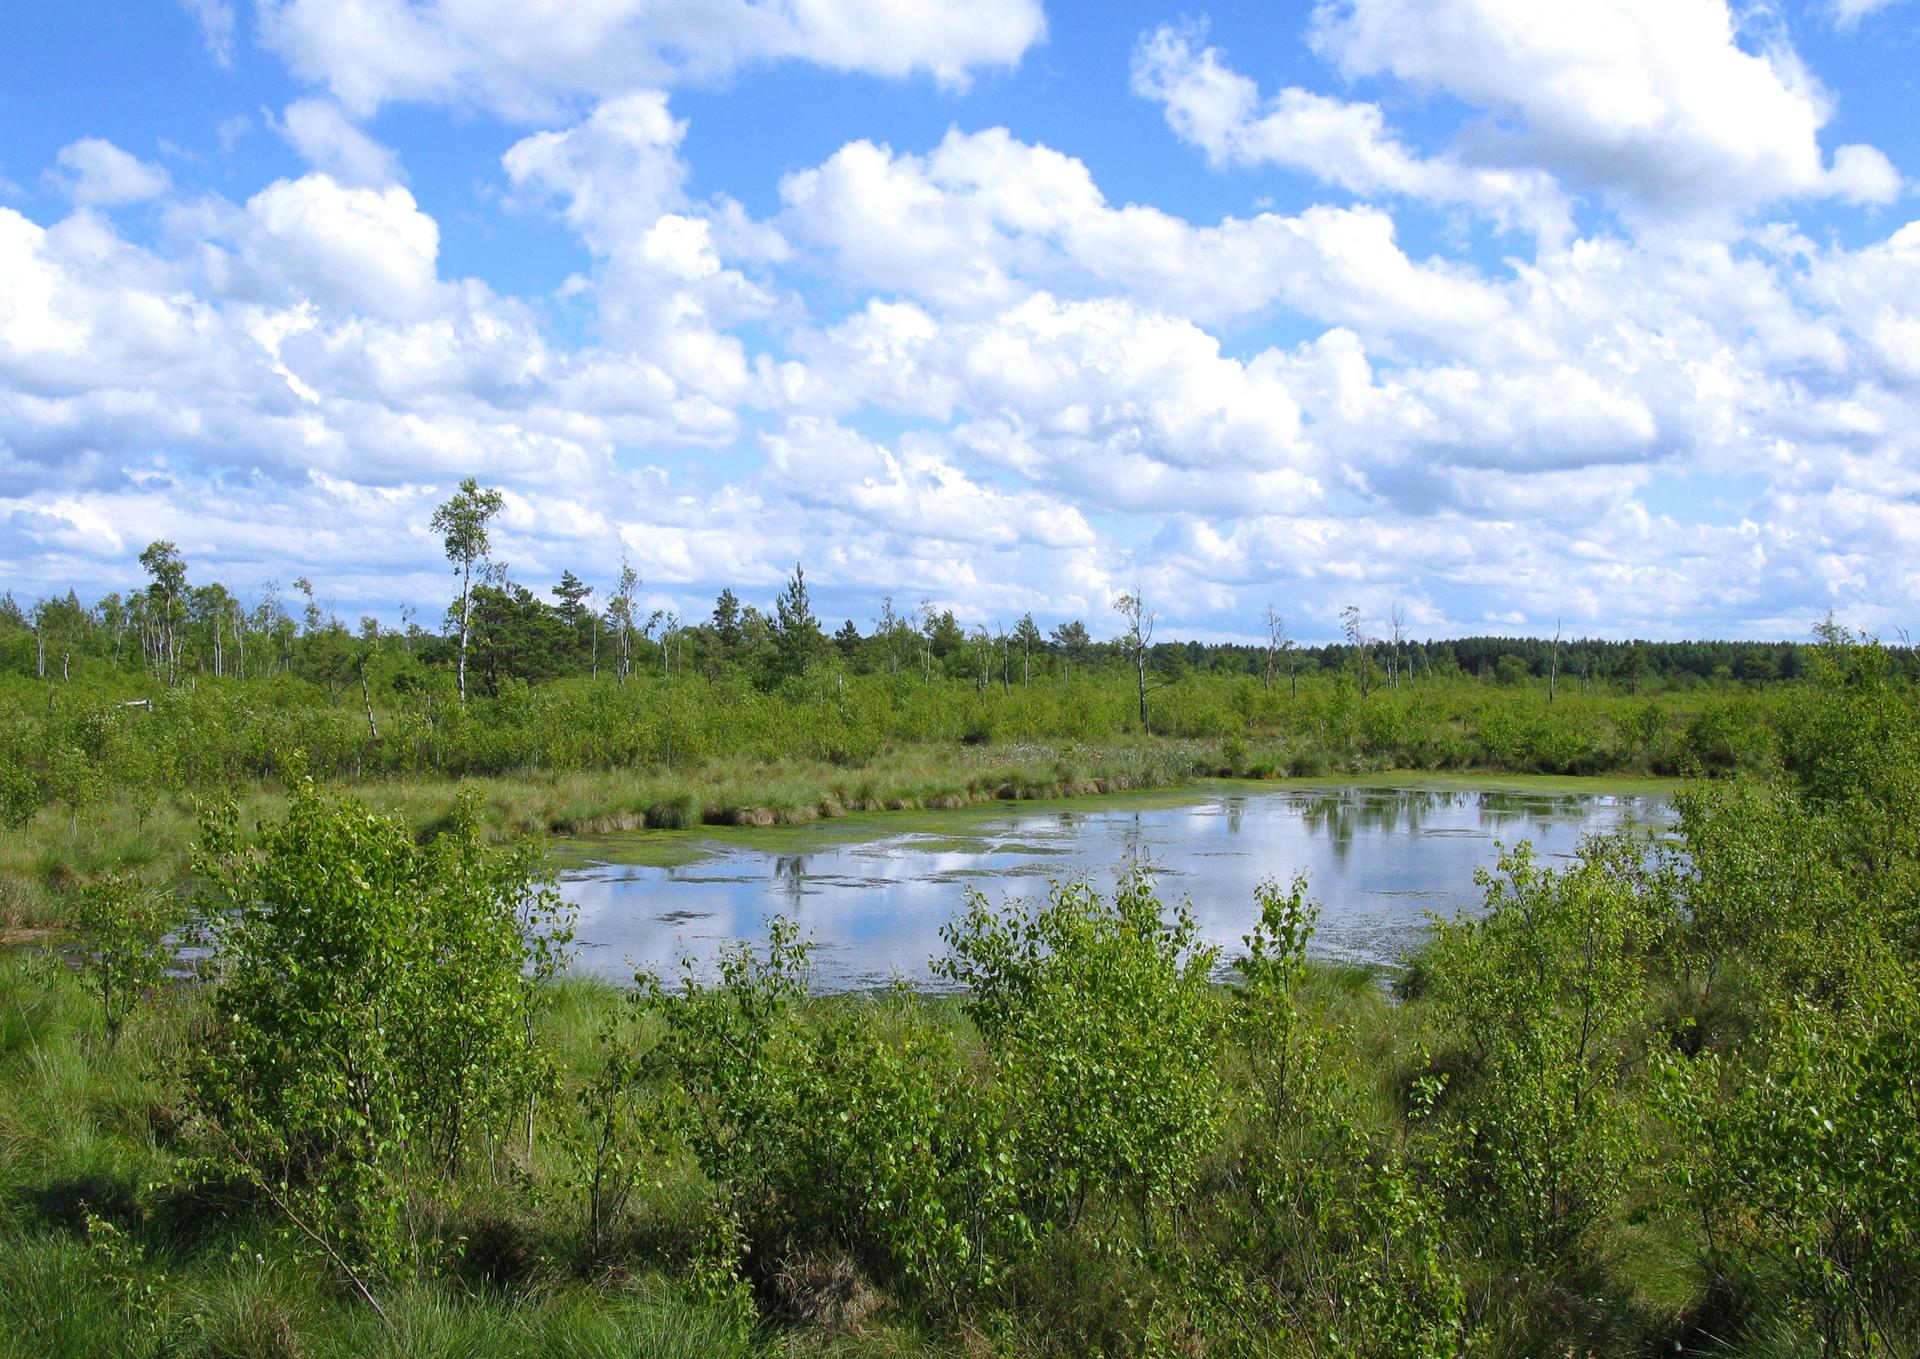 Fotografia prezentuje niewielkie jezioro otoczone ze wszystkich stron roślinnością. Przy brzegu są to kępy trawy oraz drobne pływające rośliny wodne. Następnie są widoczne krzewy oraz młodnik zniewielkim drzewami.